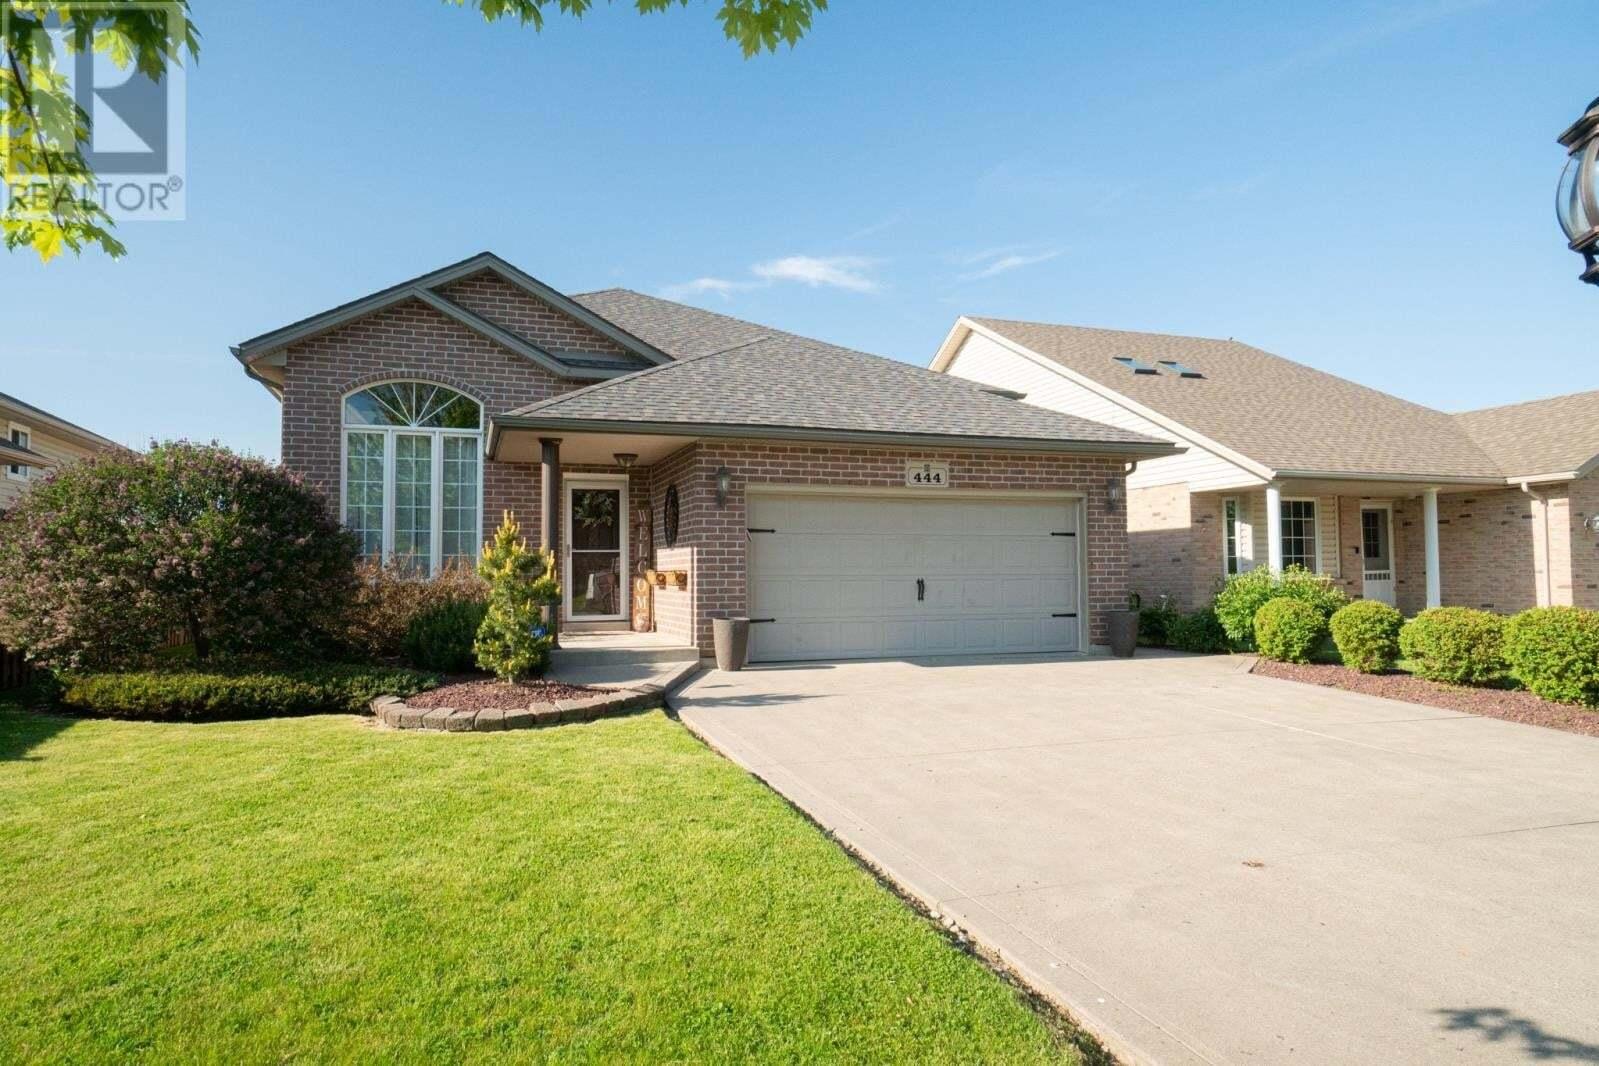 House for sale at 444 Mclellan  Amherstburg Ontario - MLS: 20005783